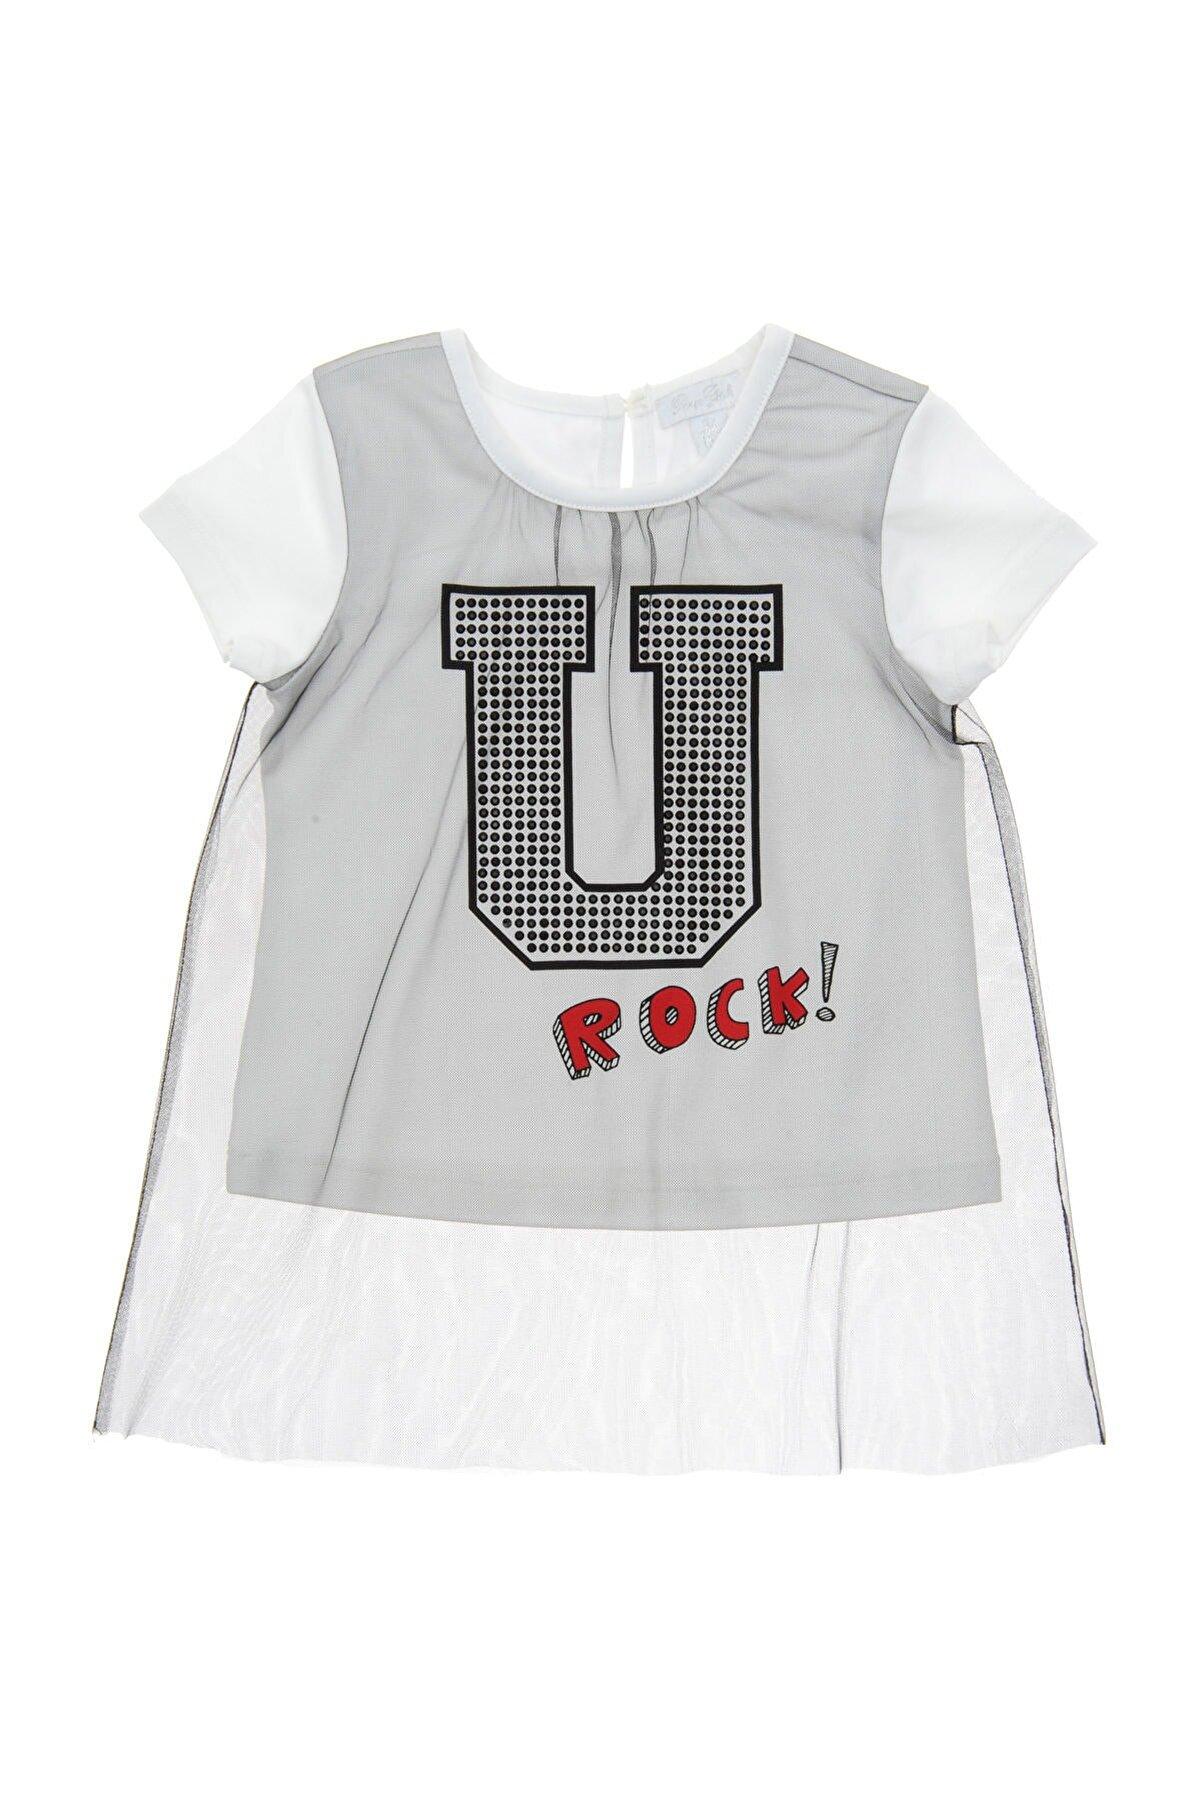 Panço Beyaz Kız Çocuk Tişört